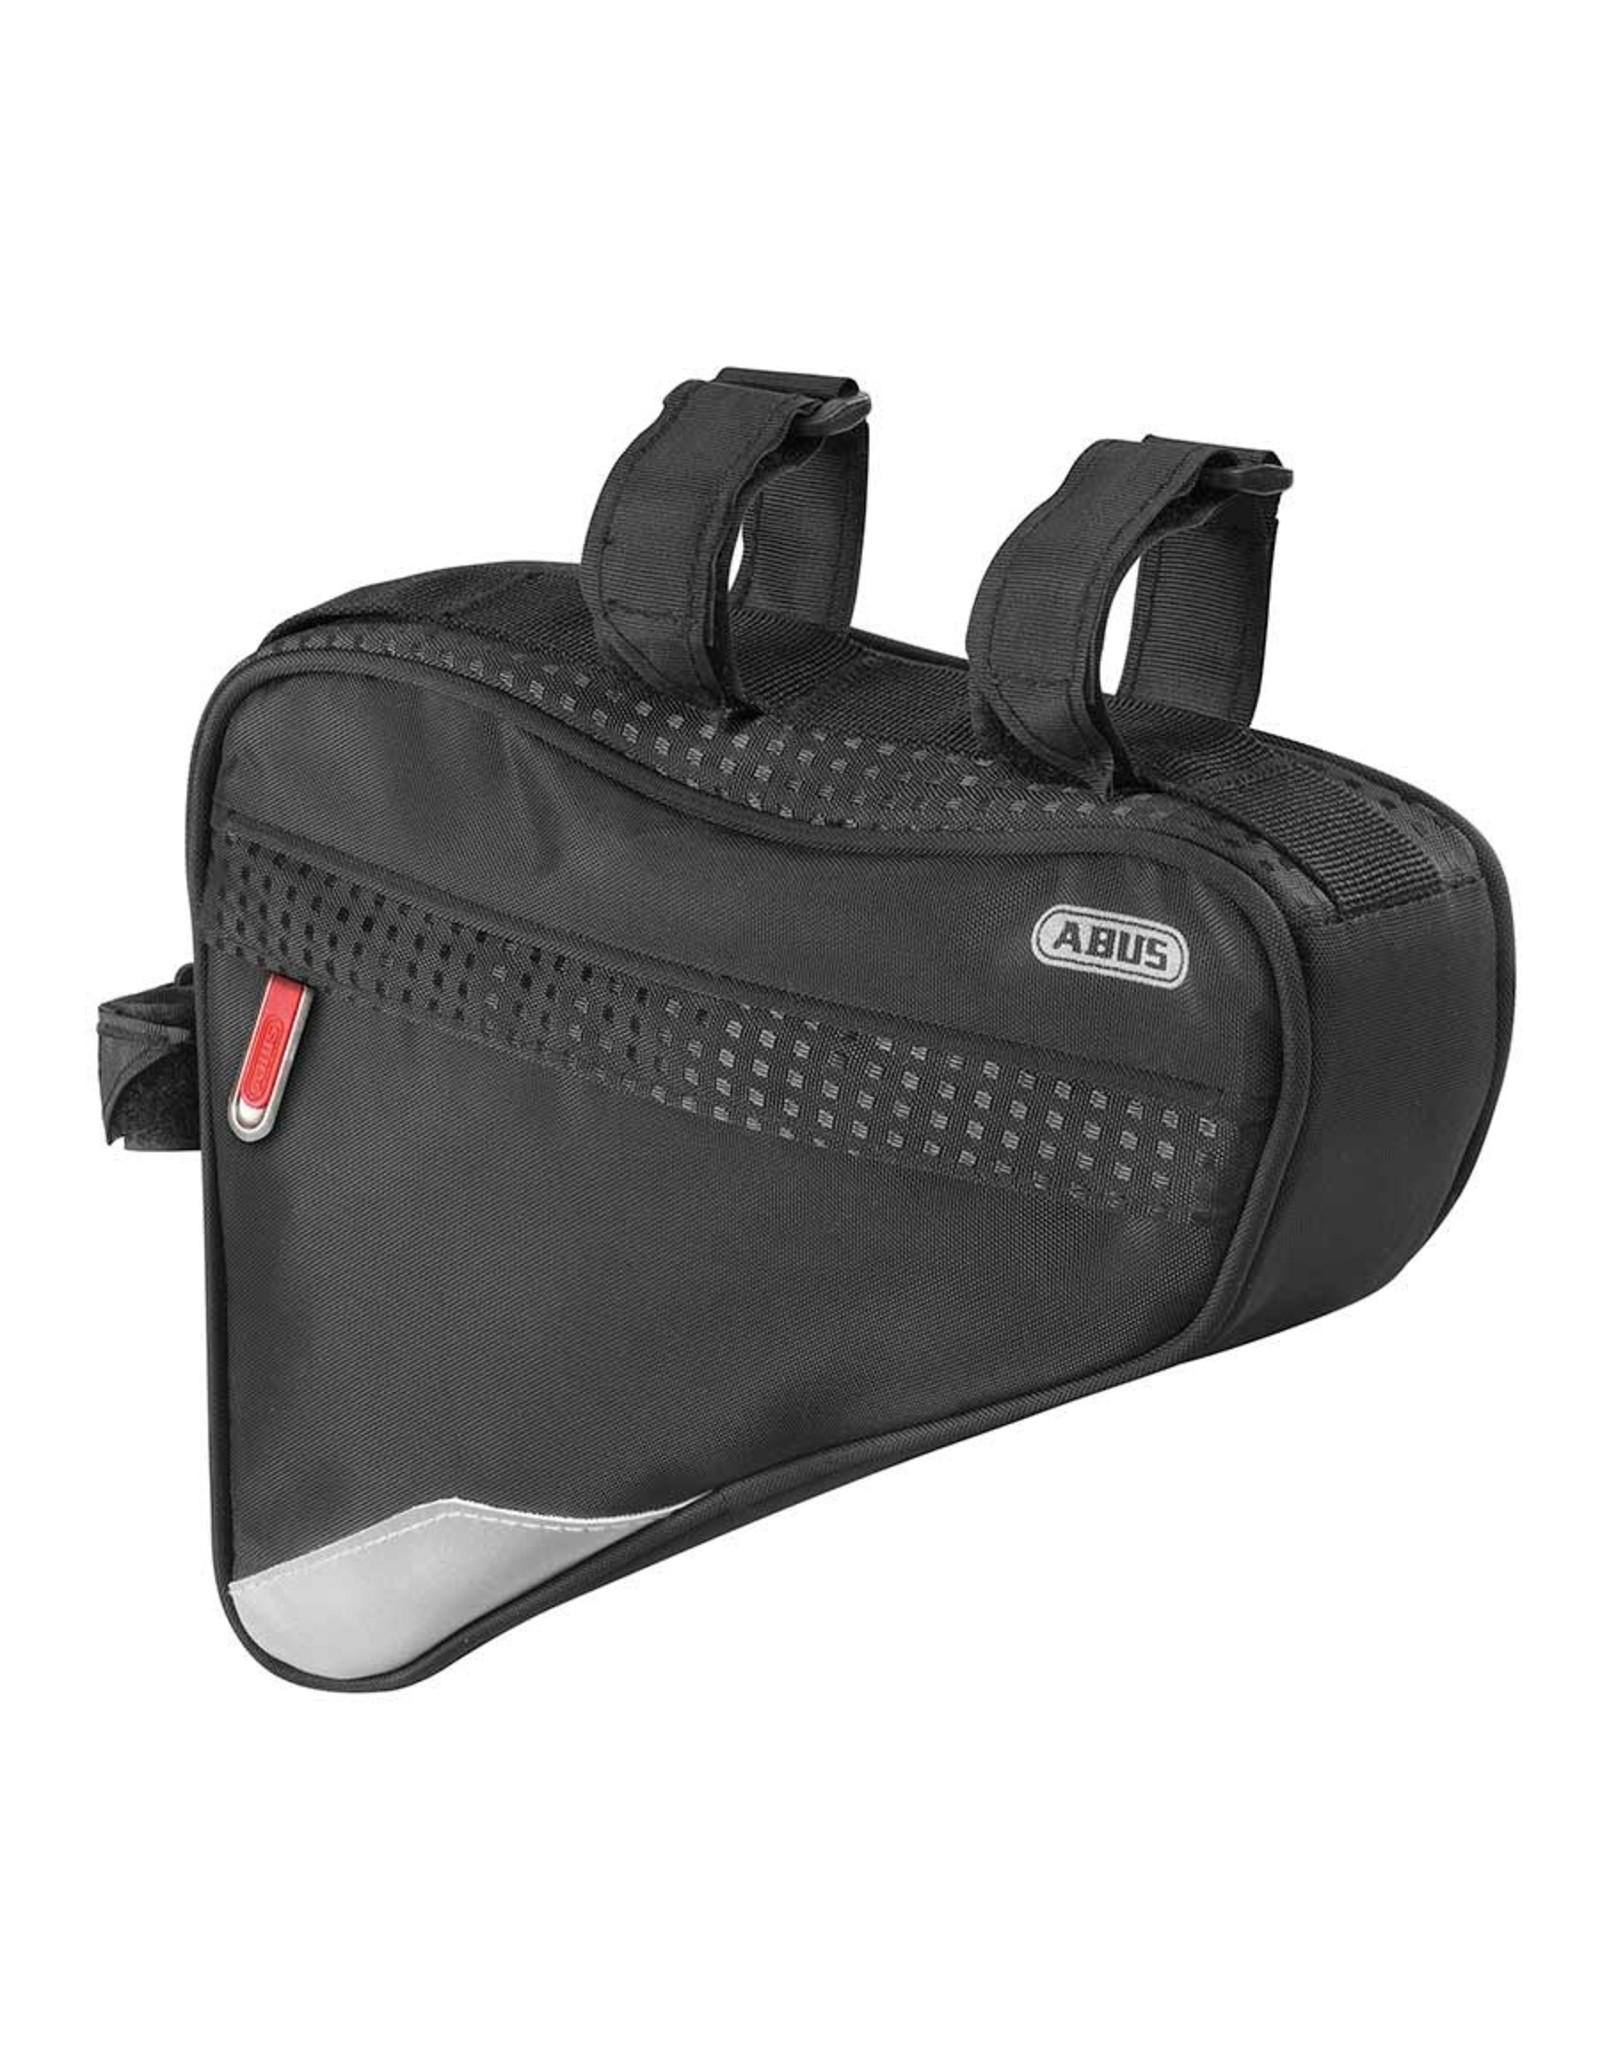 Abus, ST 2250, Frame bag, 1.8L